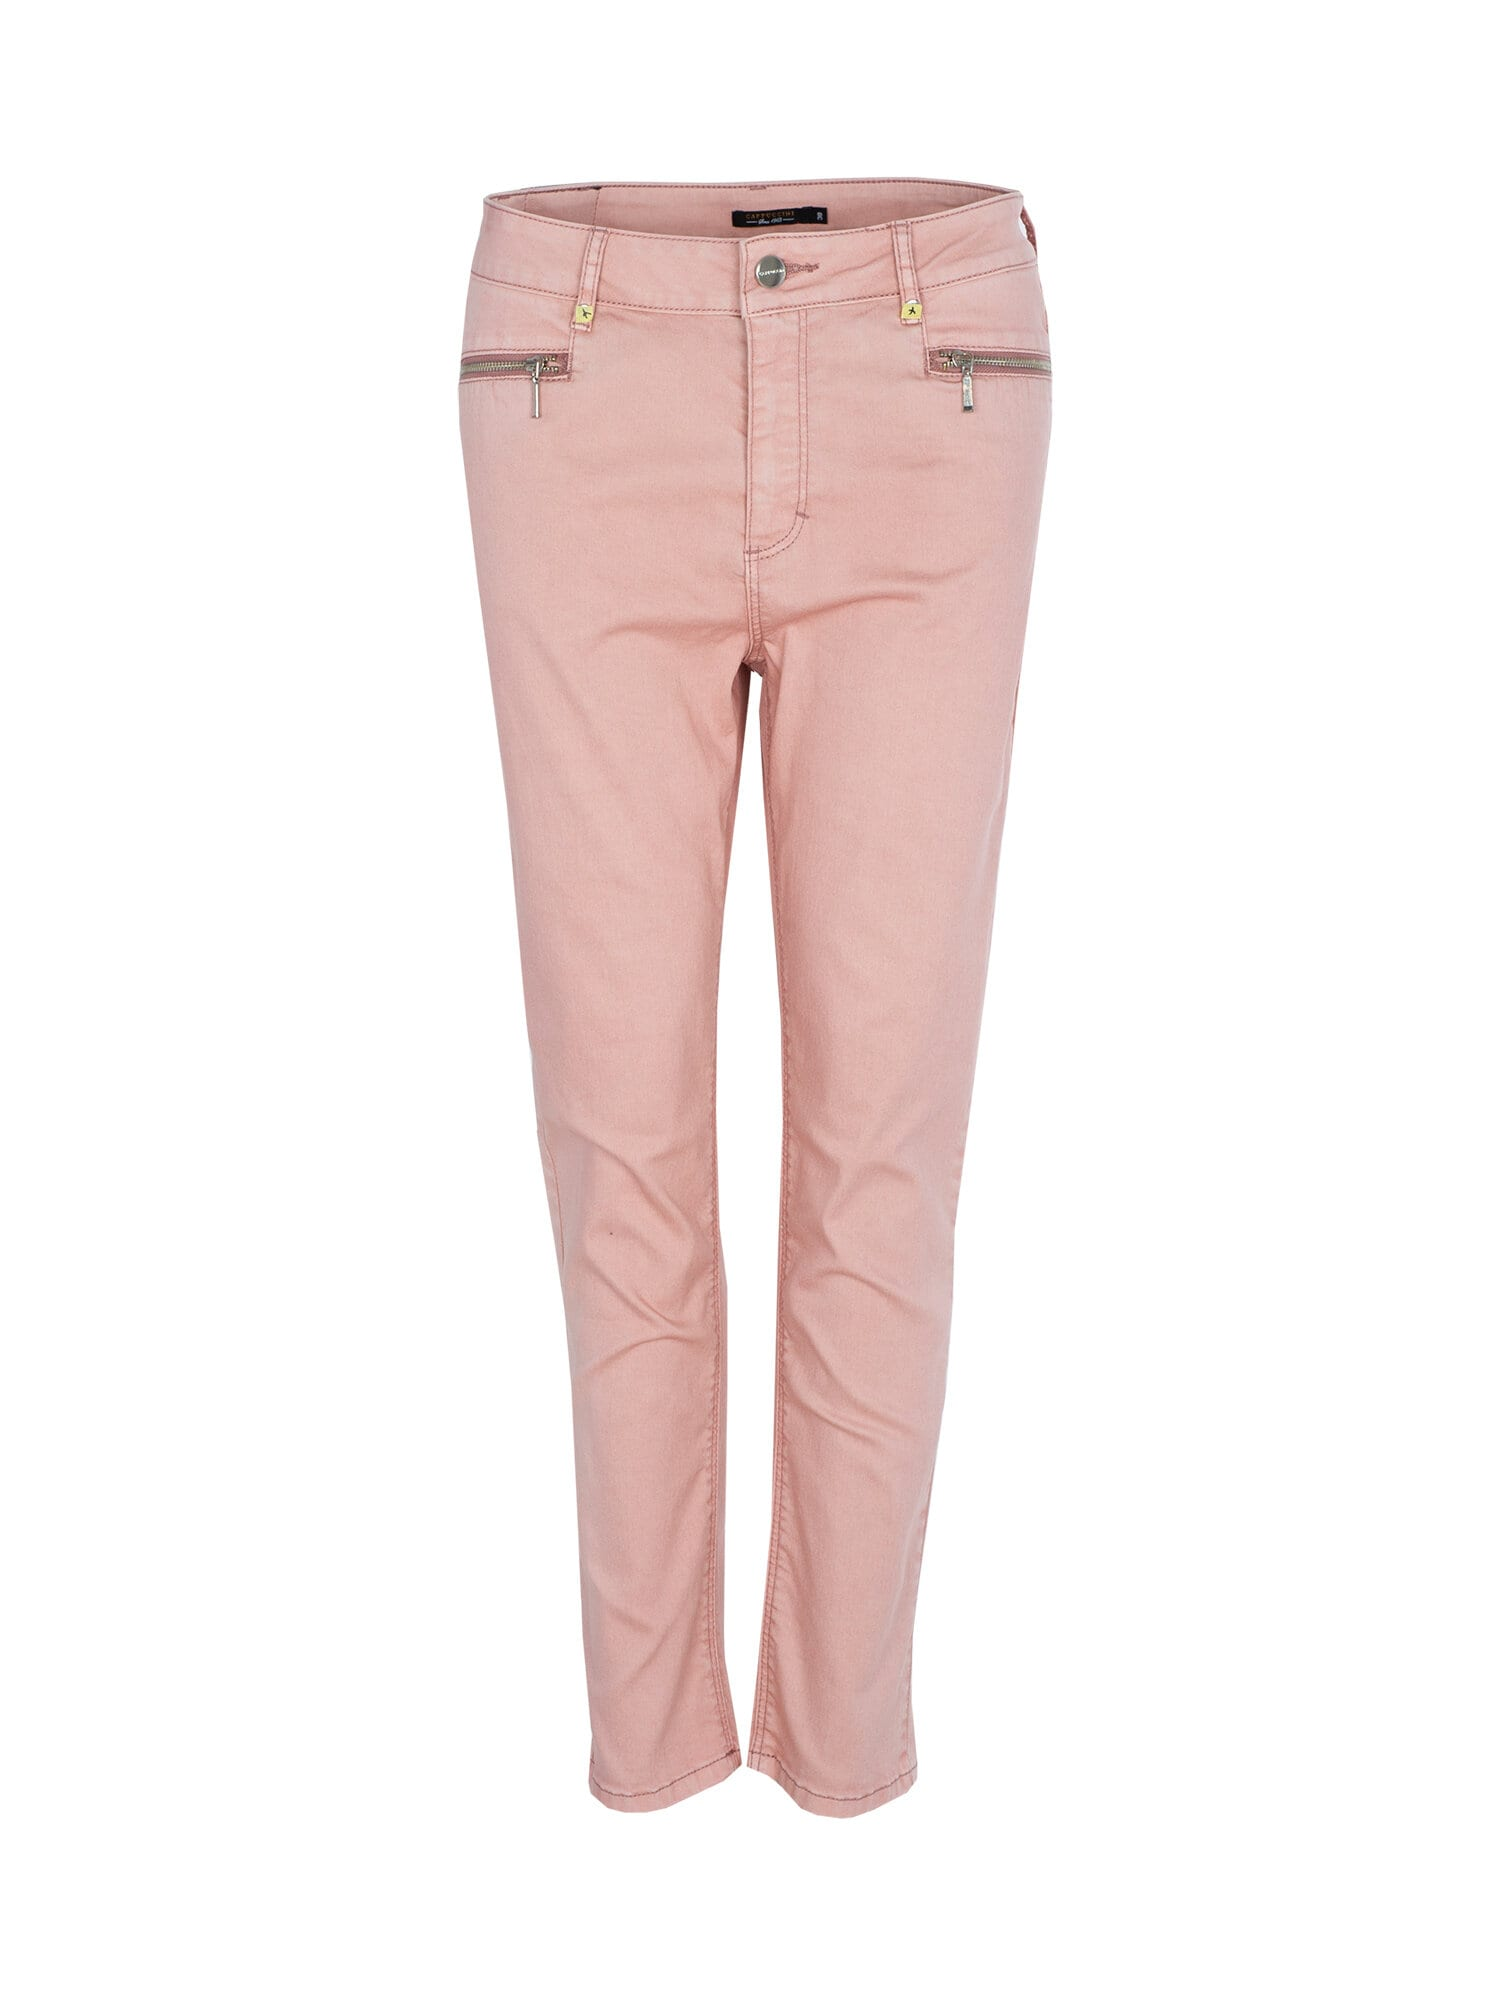 Tindra Ankel Twill - Dusty Pink